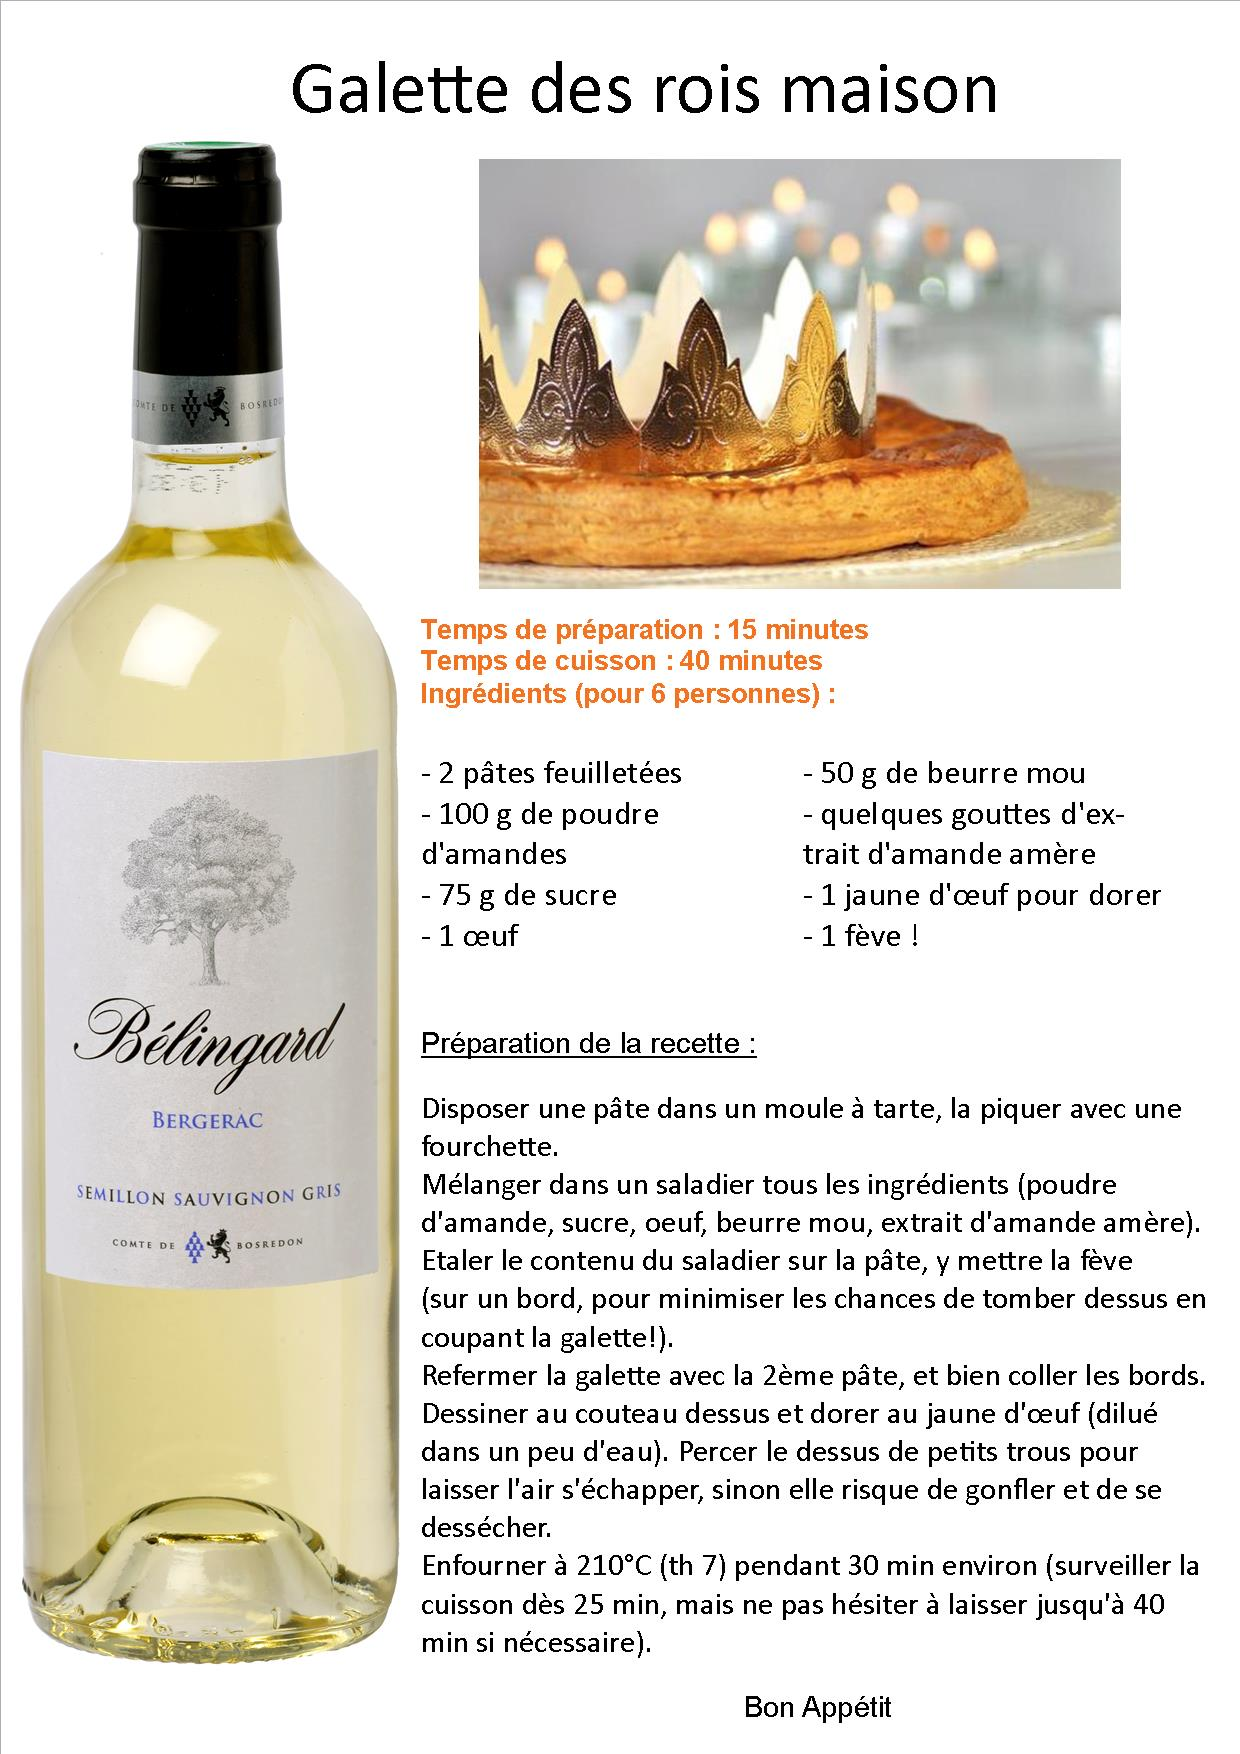 Recipes vin de bergerac vin de monbazillac ch teau - Deco galette des rois ...